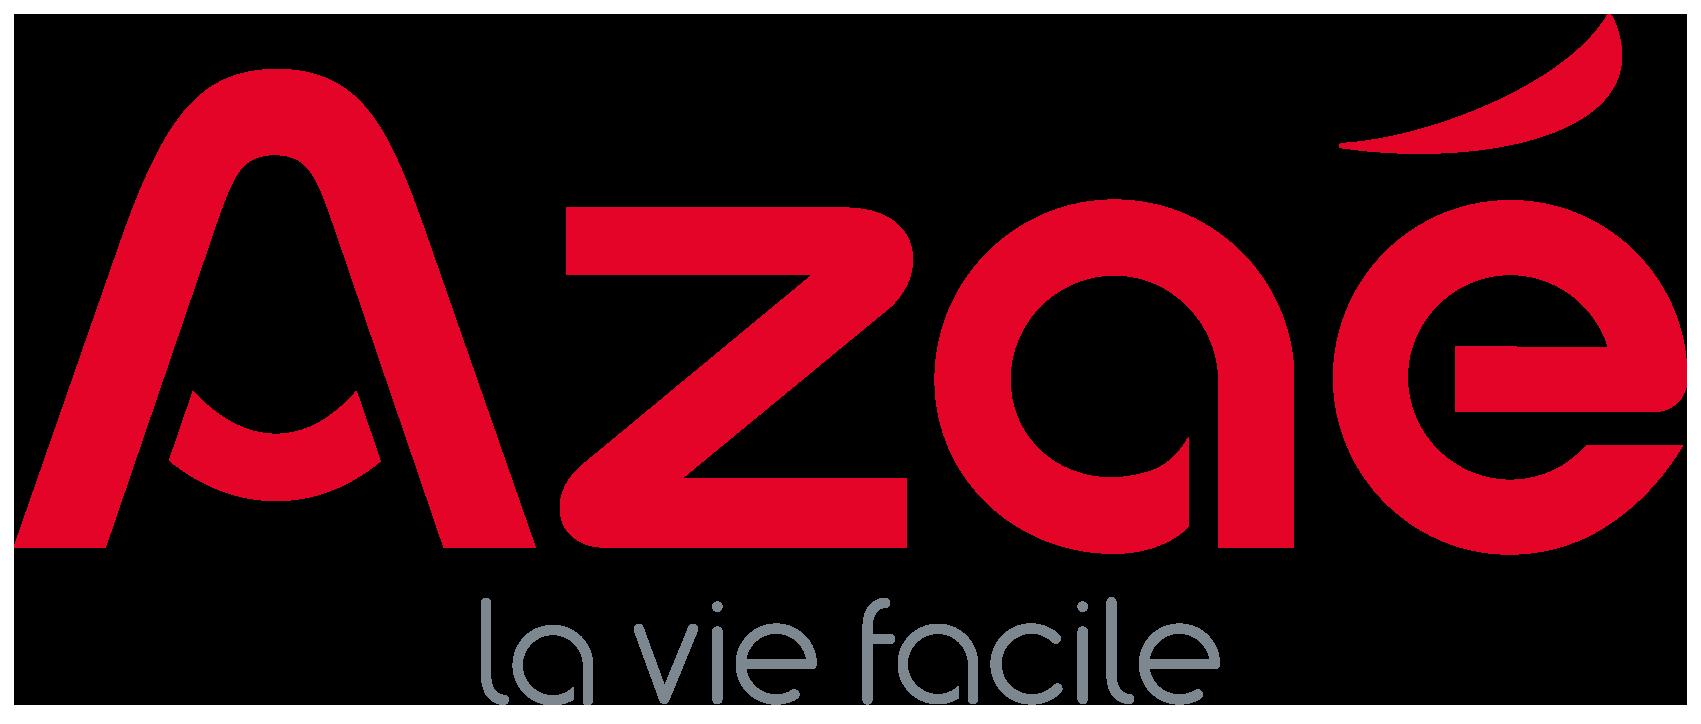 Azaé Montpellier - Aide à domicile et femme de ménage garde d'enfants